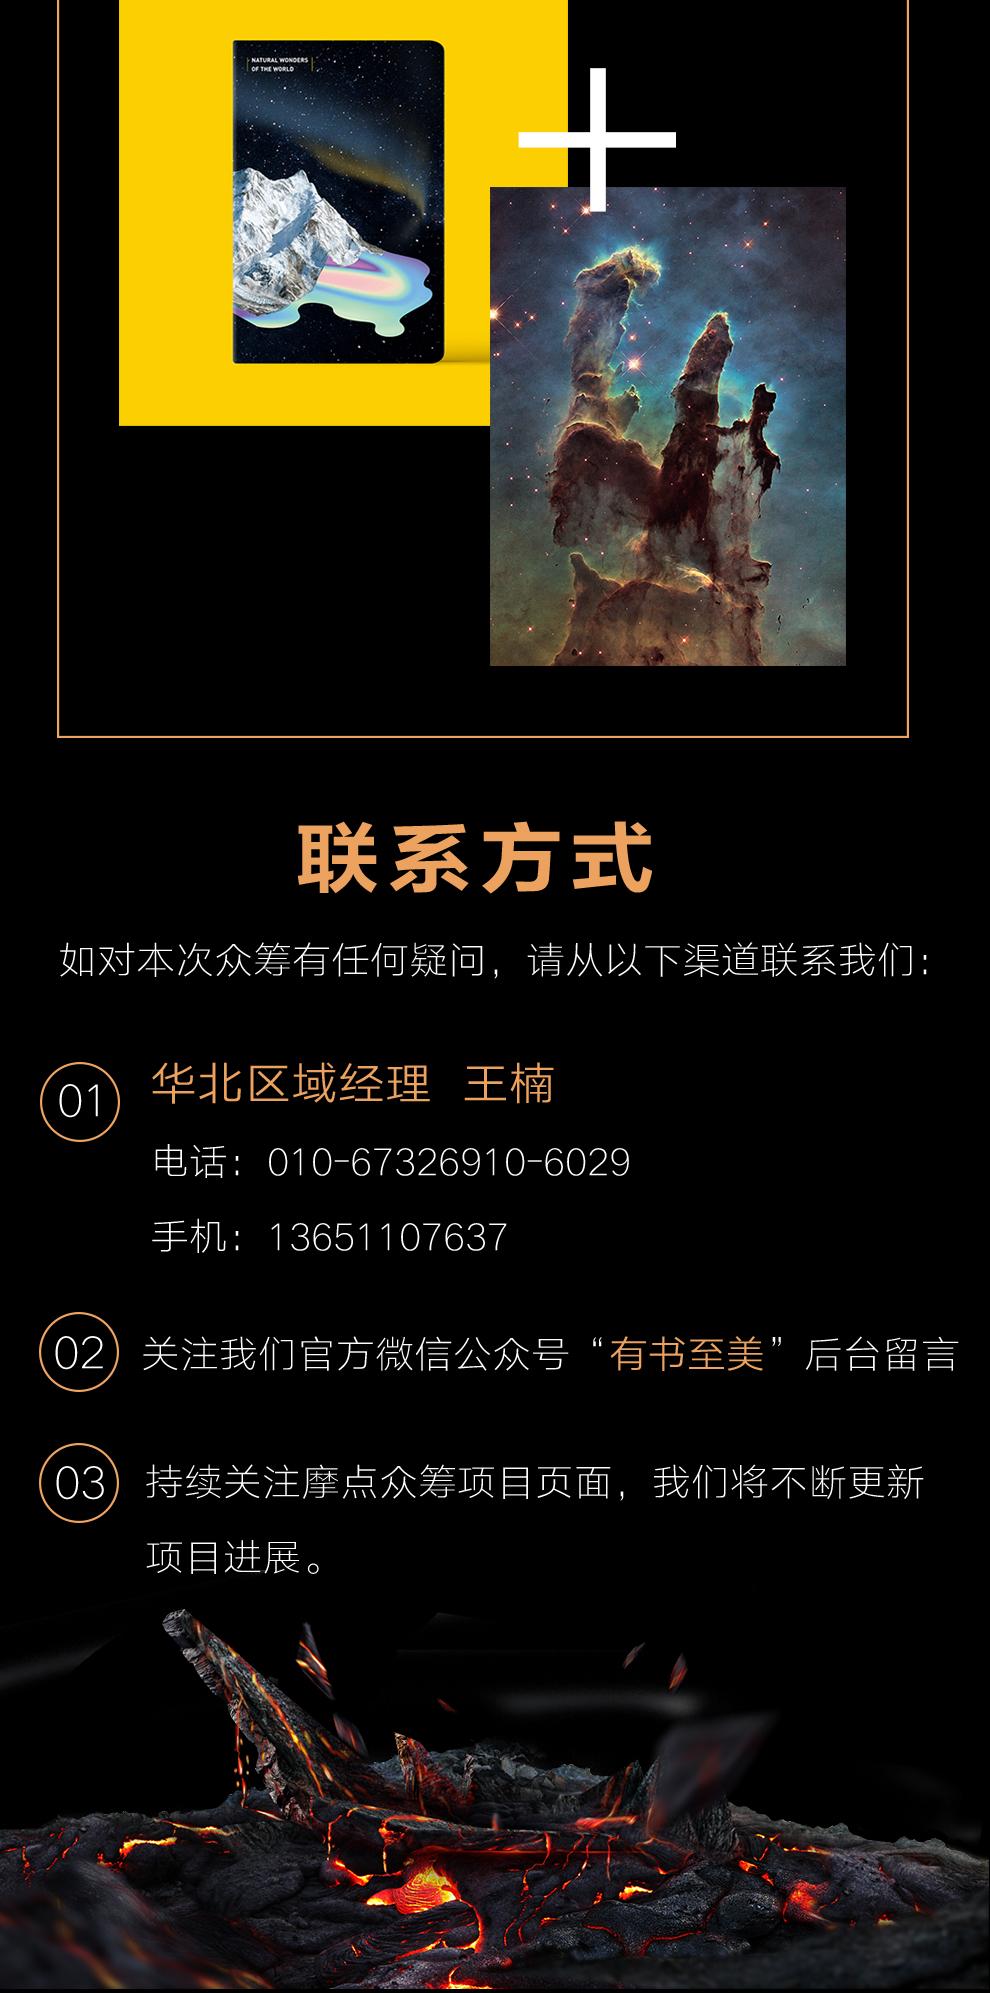 《DK全球自然奇观全探索》预售_10.jpg